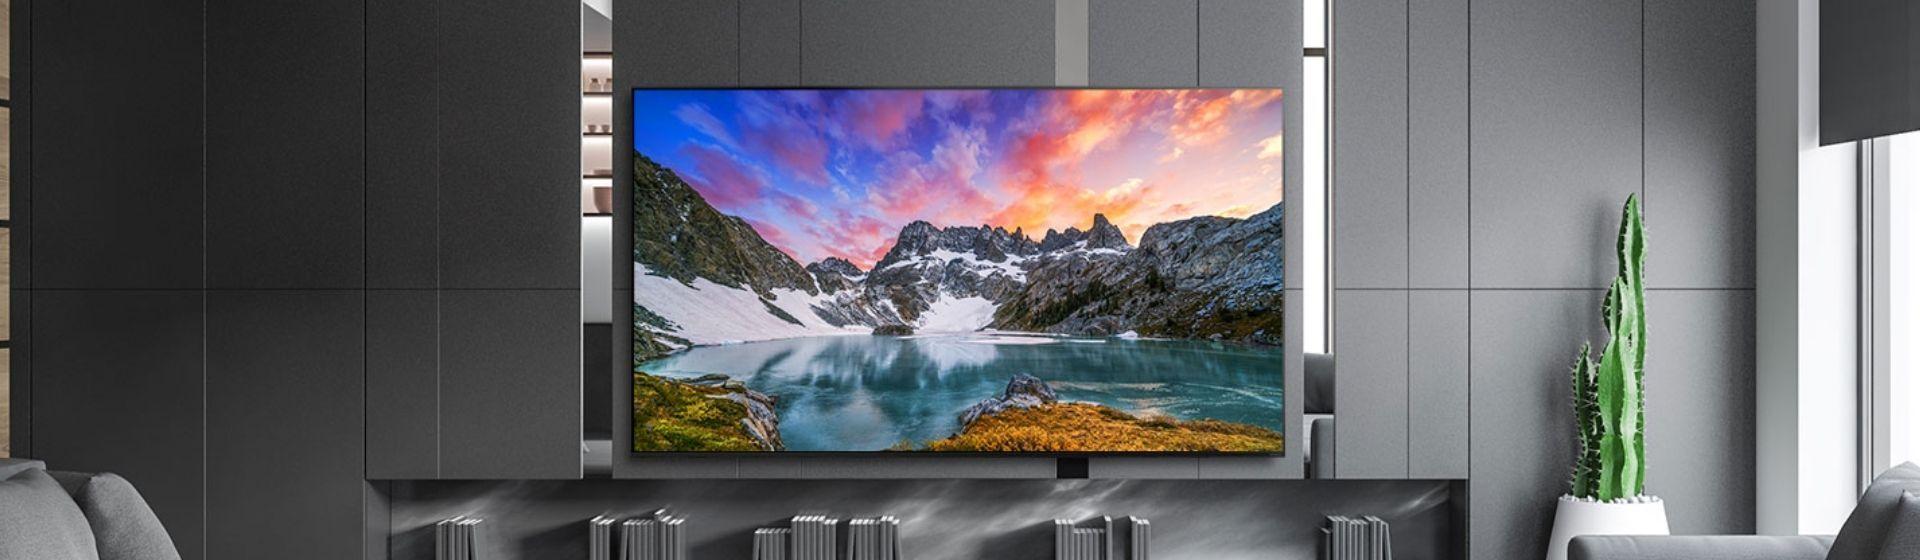 Review LG NANO86: TV NanoCell da marca entrega alta qualidade de imagem